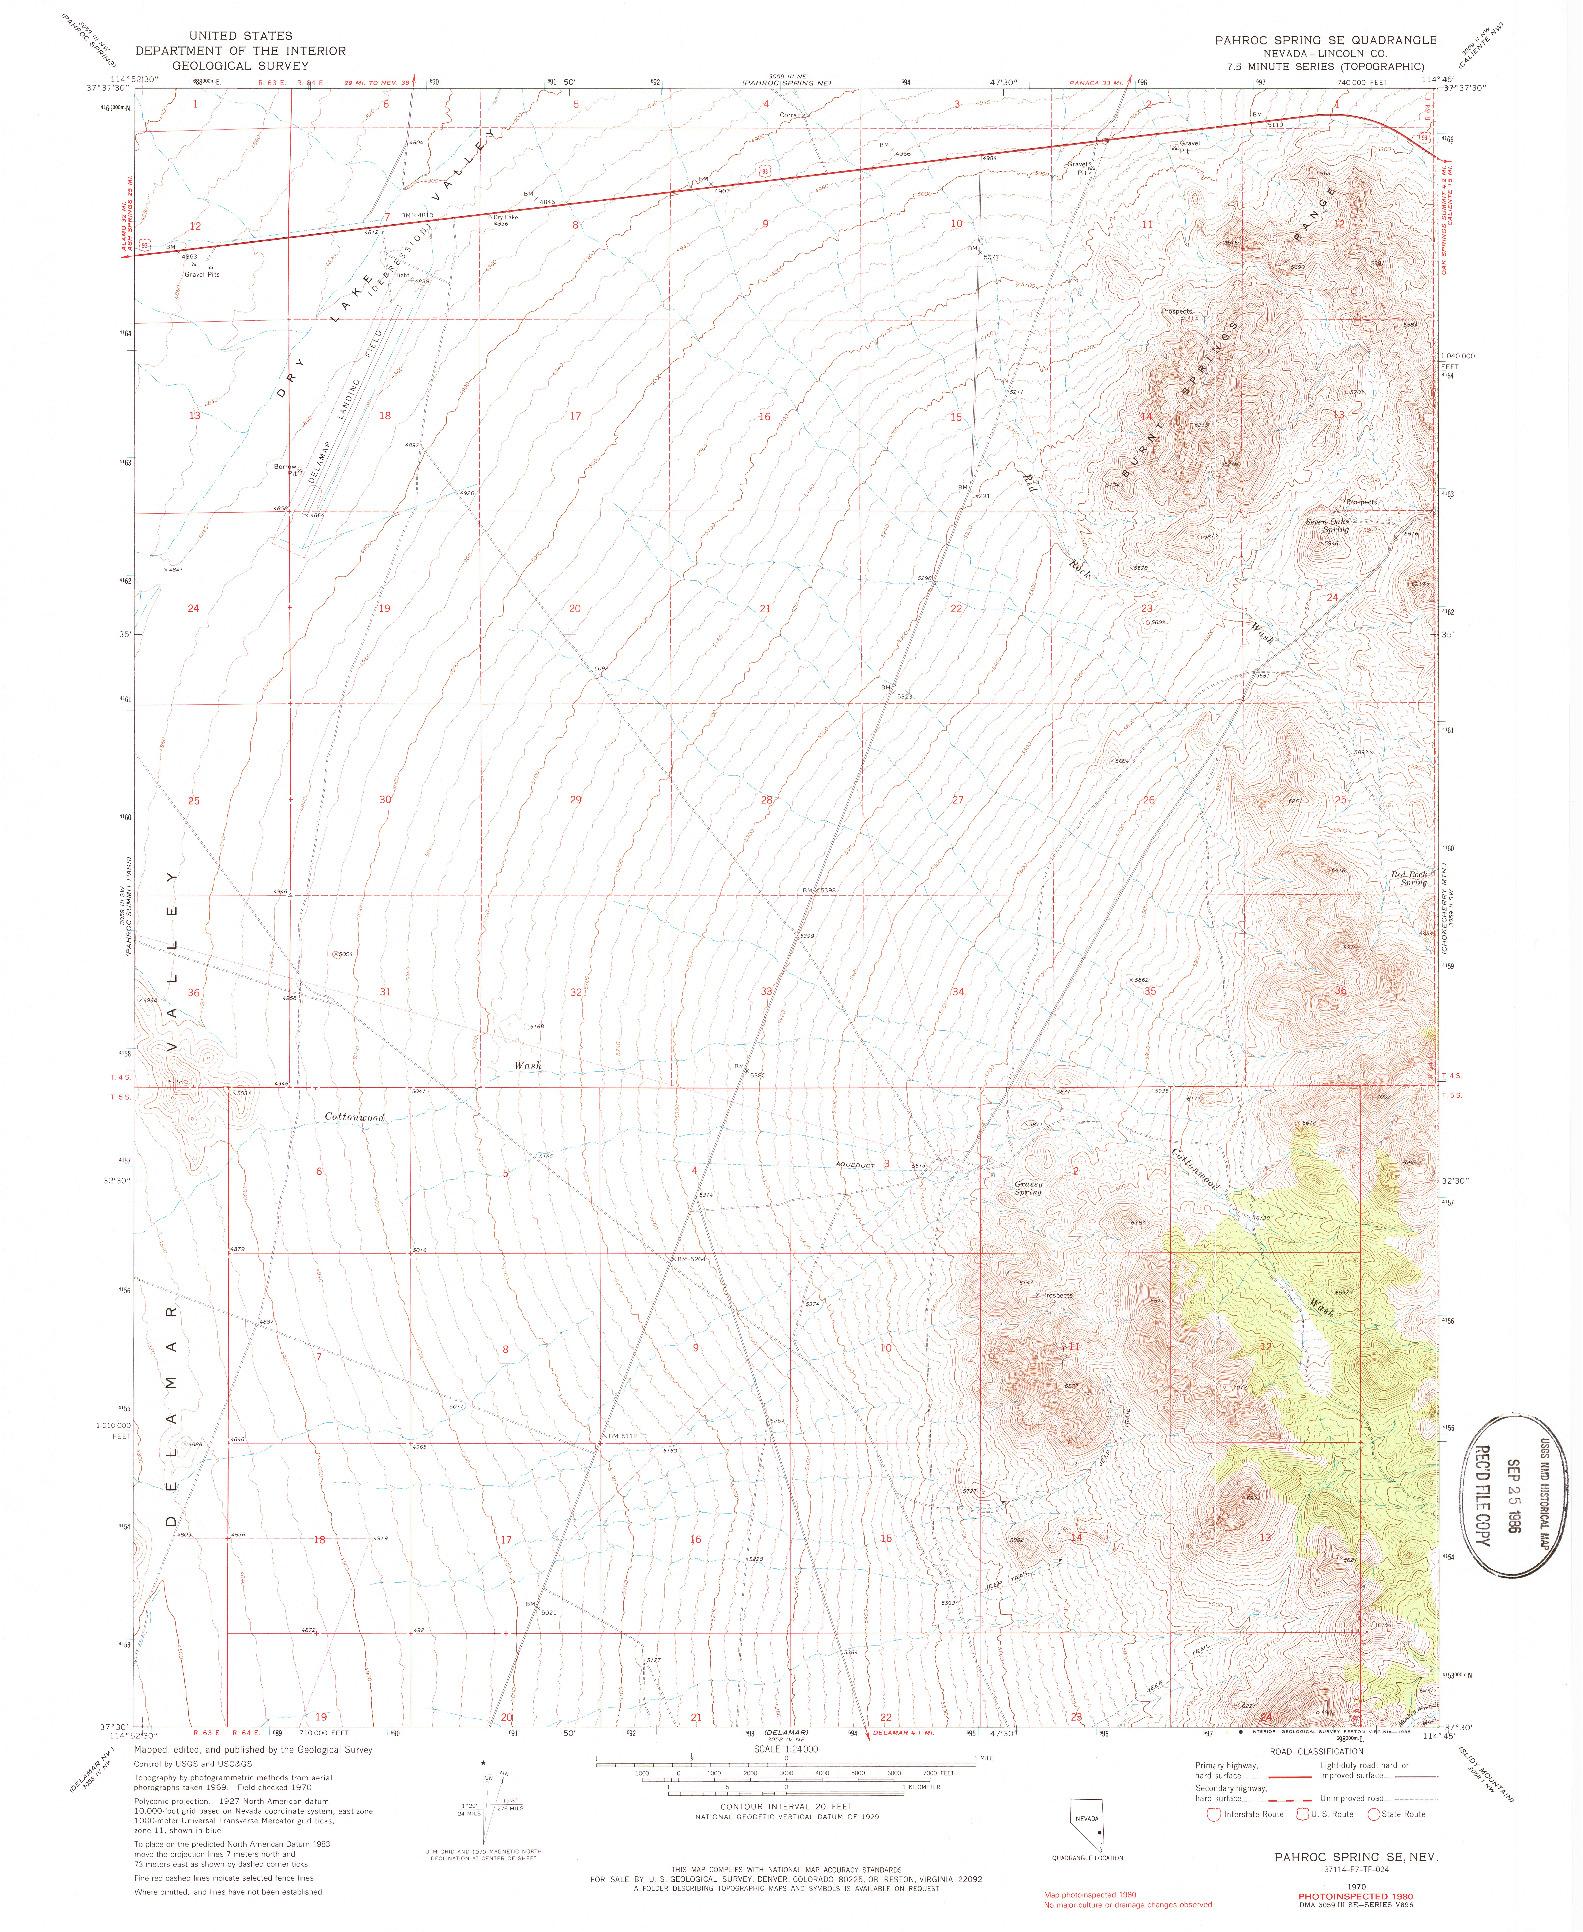 USGS 1:24000-SCALE QUADRANGLE FOR PAHROC SPRING SE, NV 1970